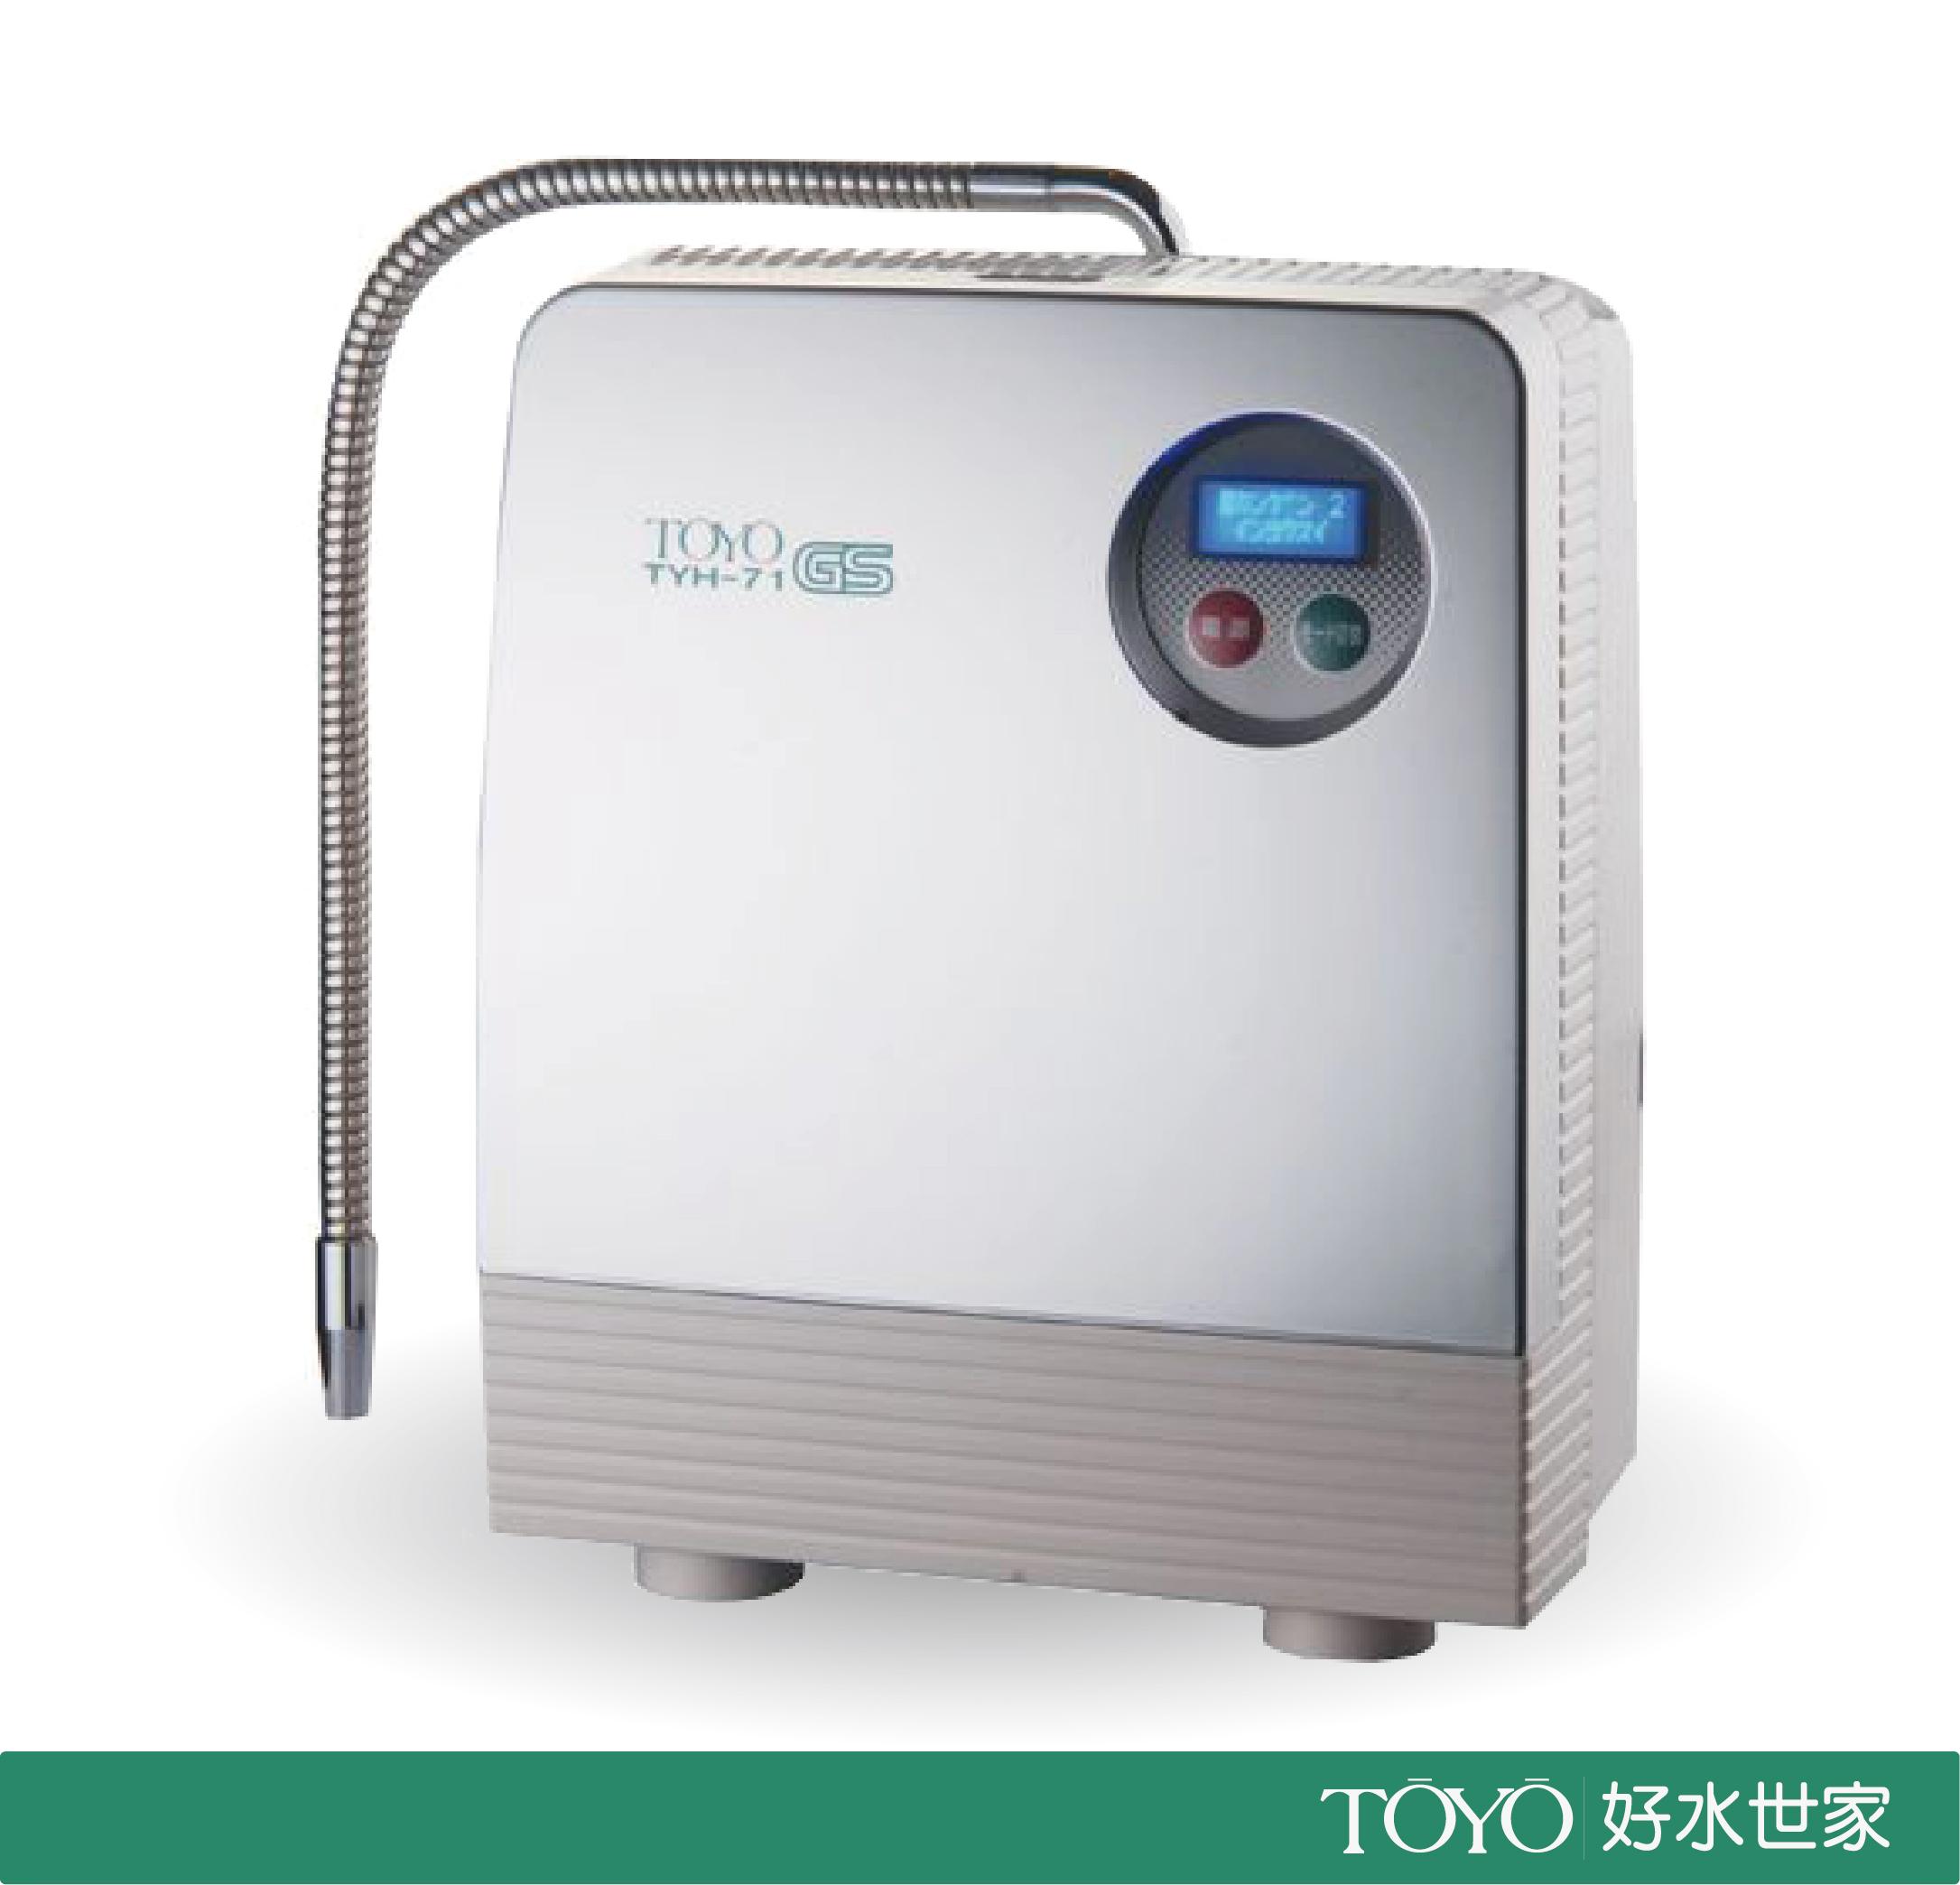 【日本原裝進口】TOYO 鹼性離子水生成器 TYH-71GS